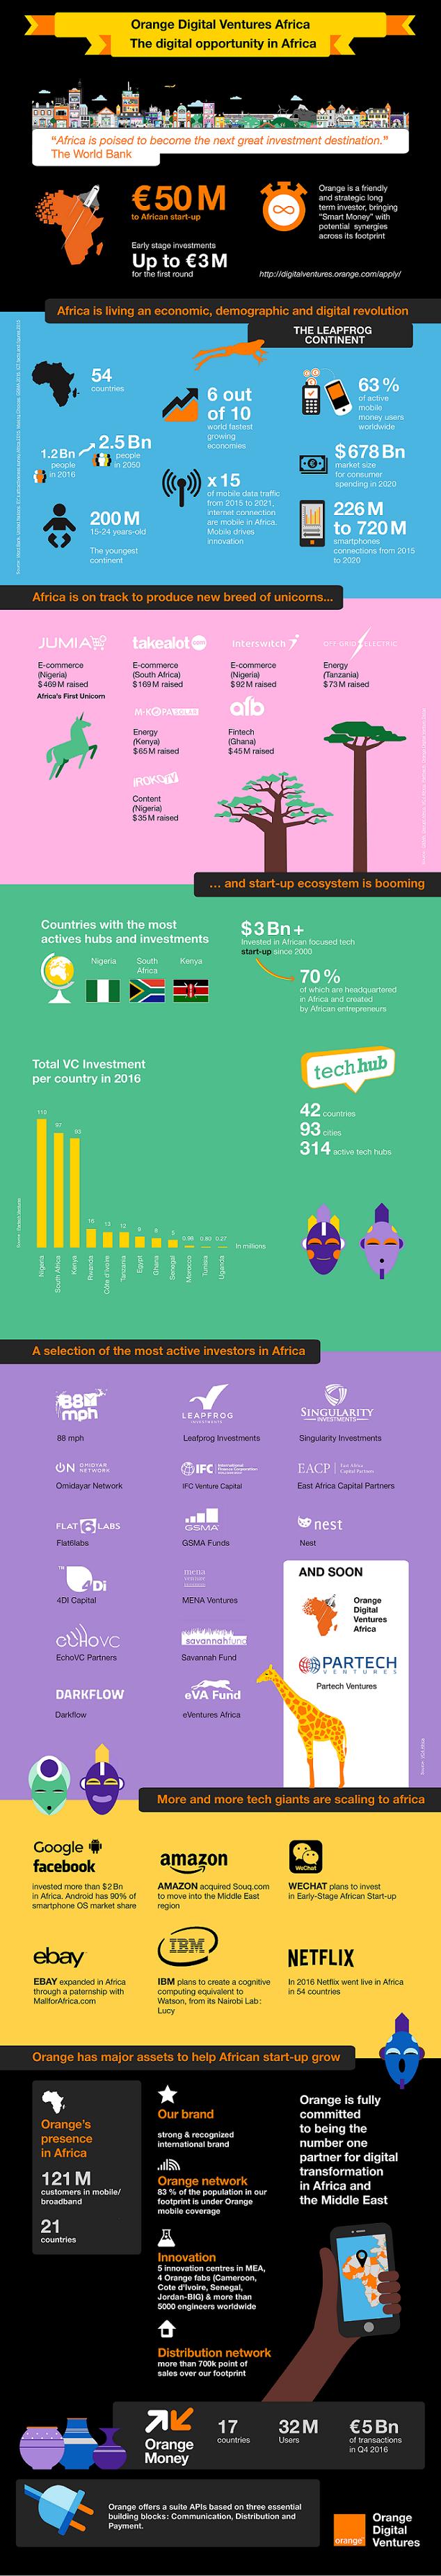 Orange Digital Investment lance une nouvelle initiative d'investissement de 50 millions d'euros dédiée aux start-up en Afrique. (crédit: Orange)